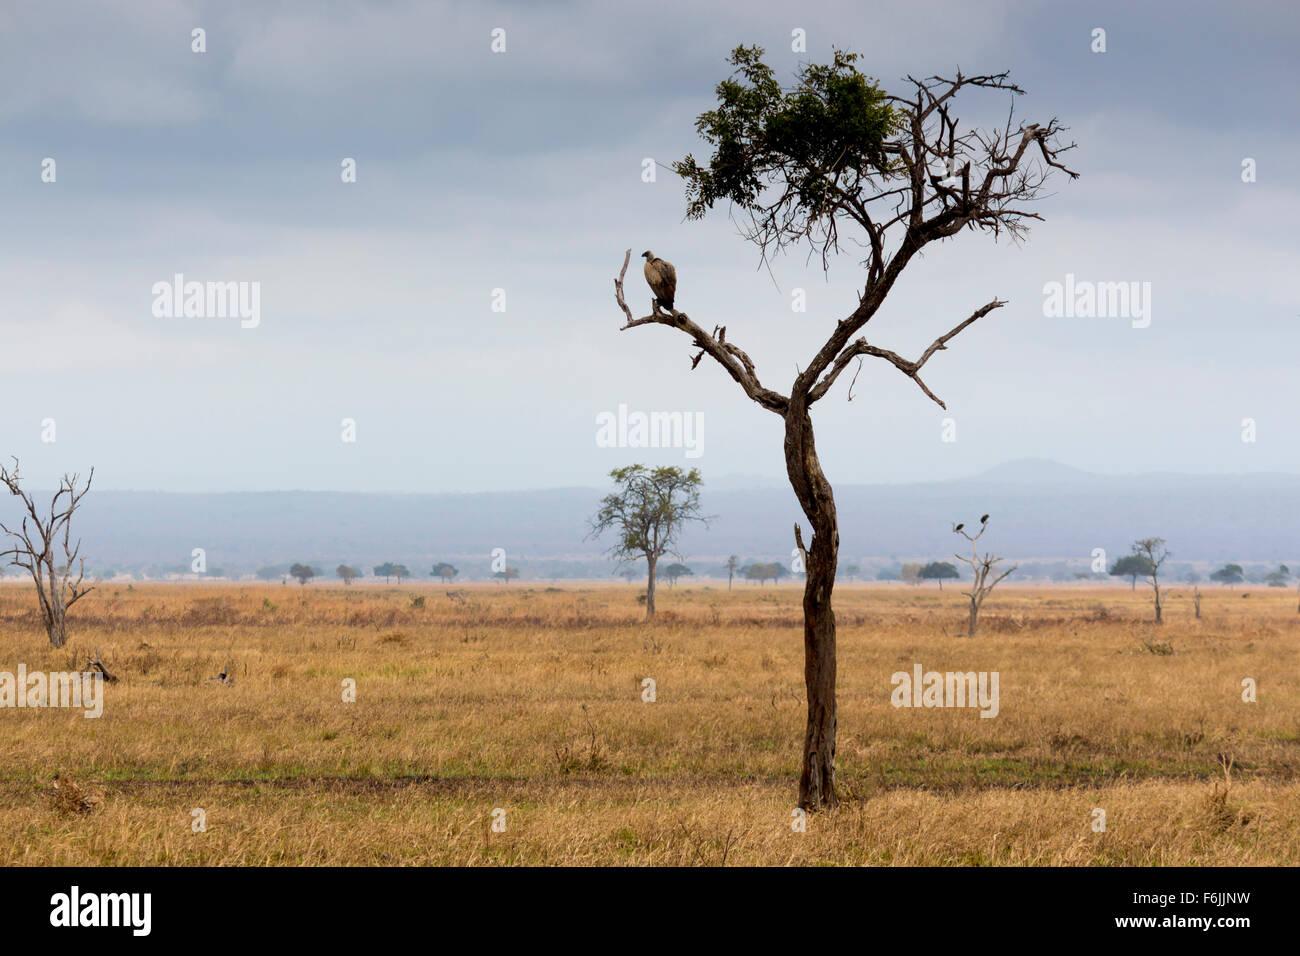 Ein Baum mit einem Geier auf einem Ast saß. Hintergrund zeigt eine Safari Savanne Szene Stockbild